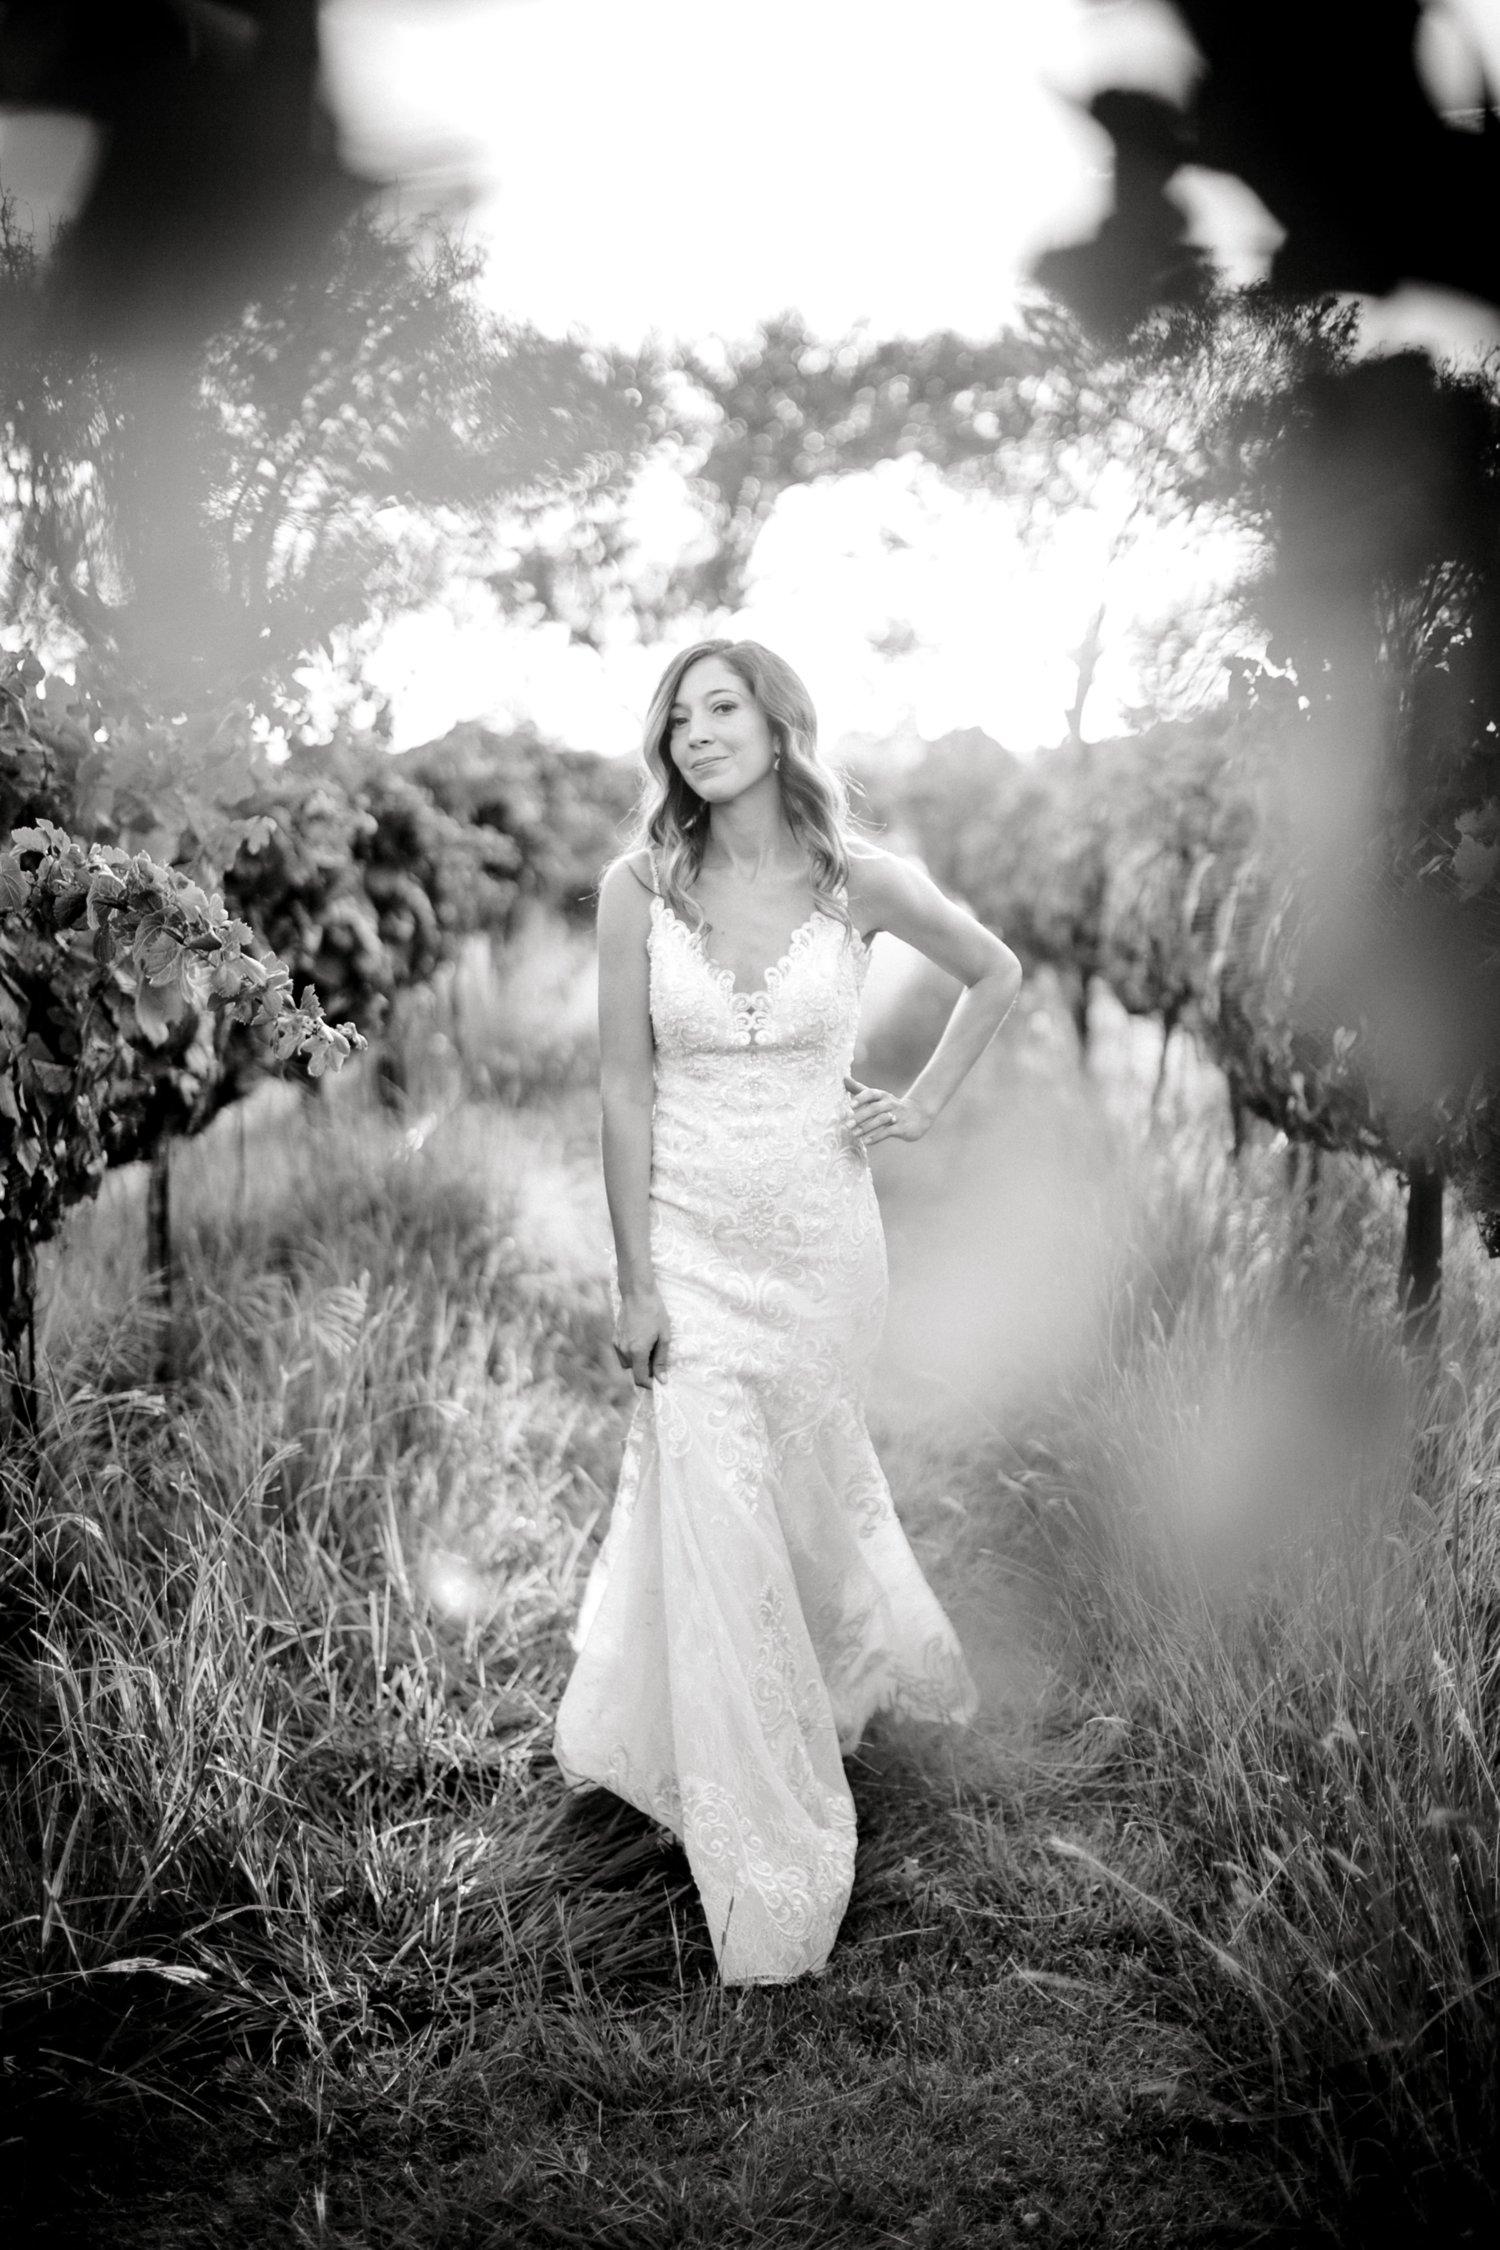 Ashley_Parr_Bridals_ALLEEJ_caprock_winery_romantic_elegant0030.jpg